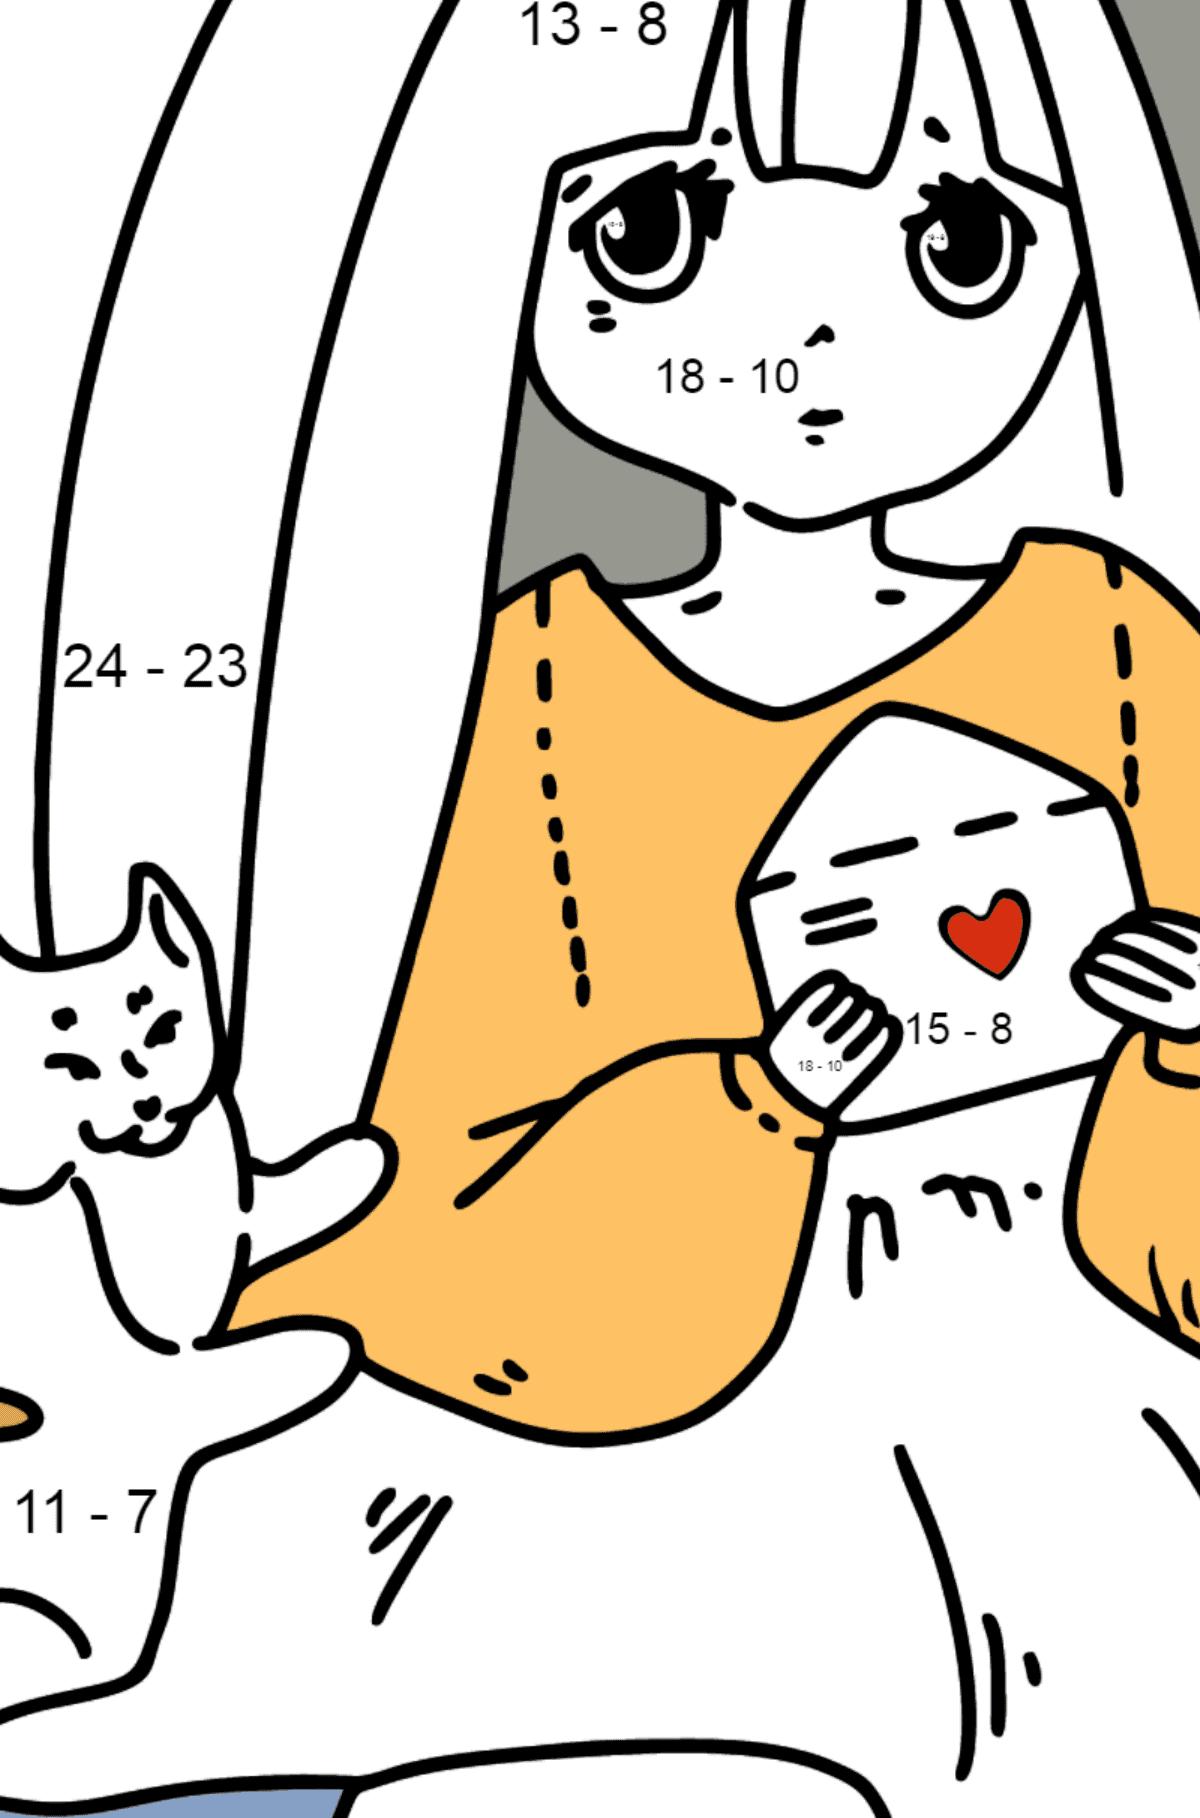 Раскраска Аниме Милая девушка - Математическая Раскраска - Вычитание для Детей